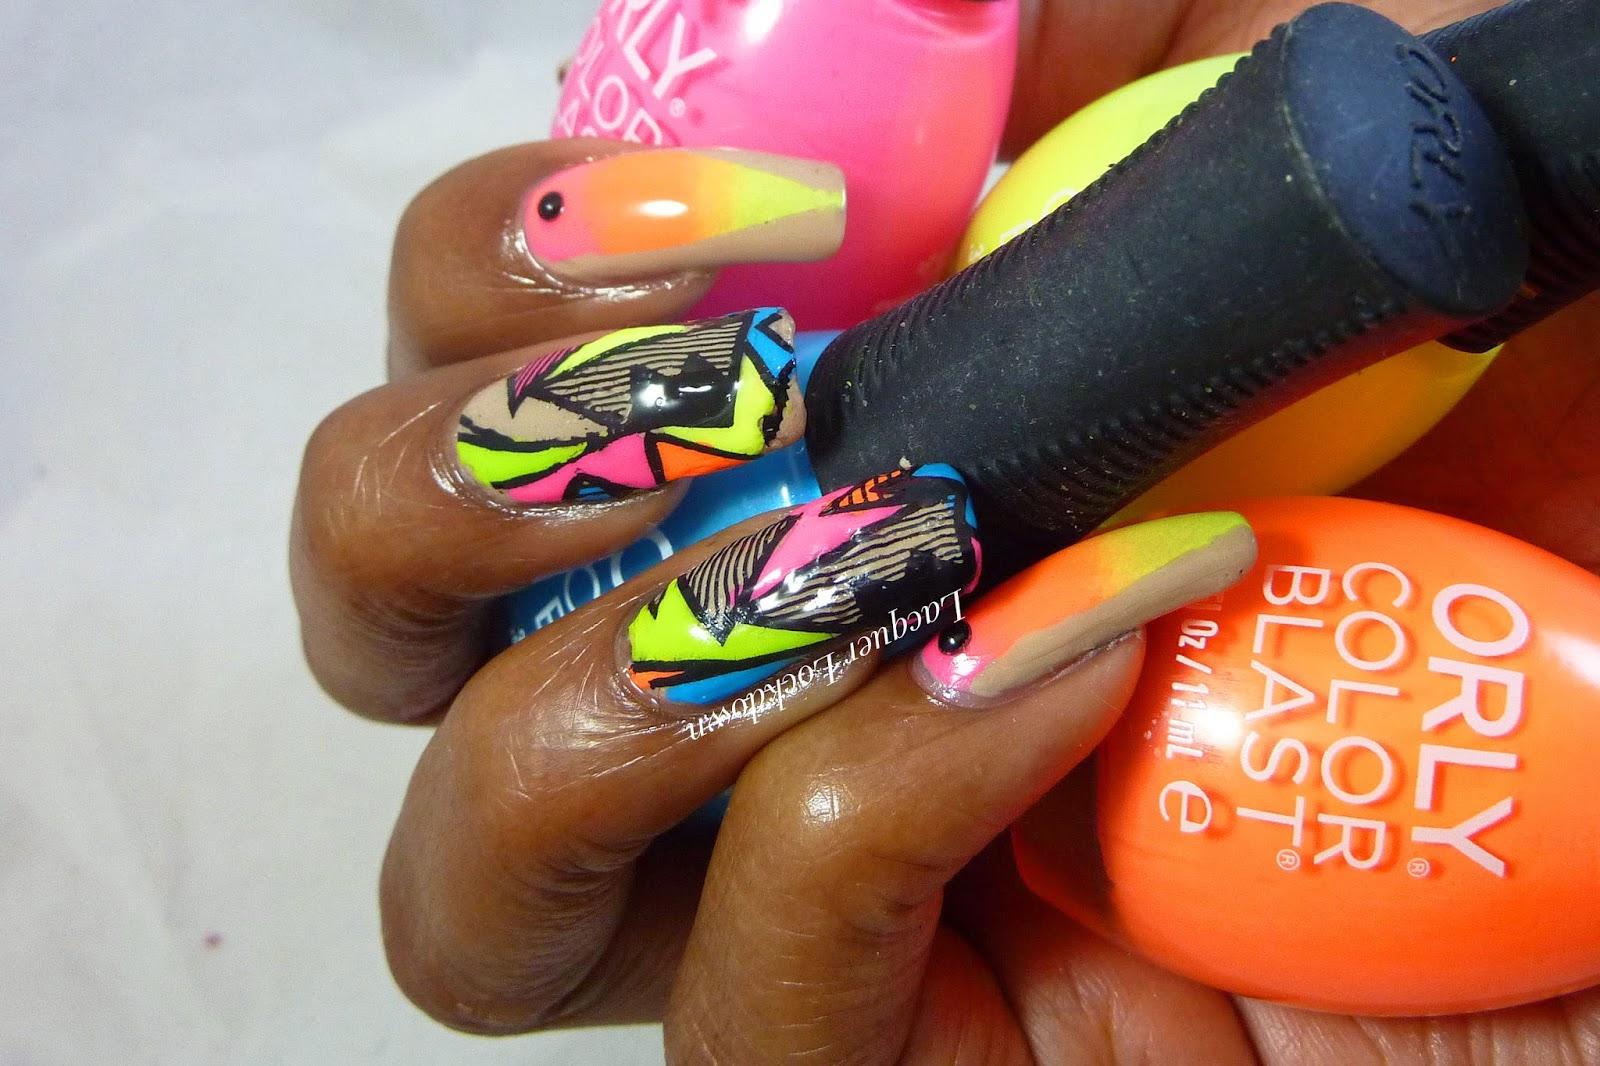 Lacquer Lockdown - Orly Color Blasts, neon nail art, nail art stamping blog, nail art stamping, QGirl, QGirl 12, AliExpress, nail art, diy nail art, cute nail art ideas, nude and neon nail art, mundo de unas, stamping, nail art stamping